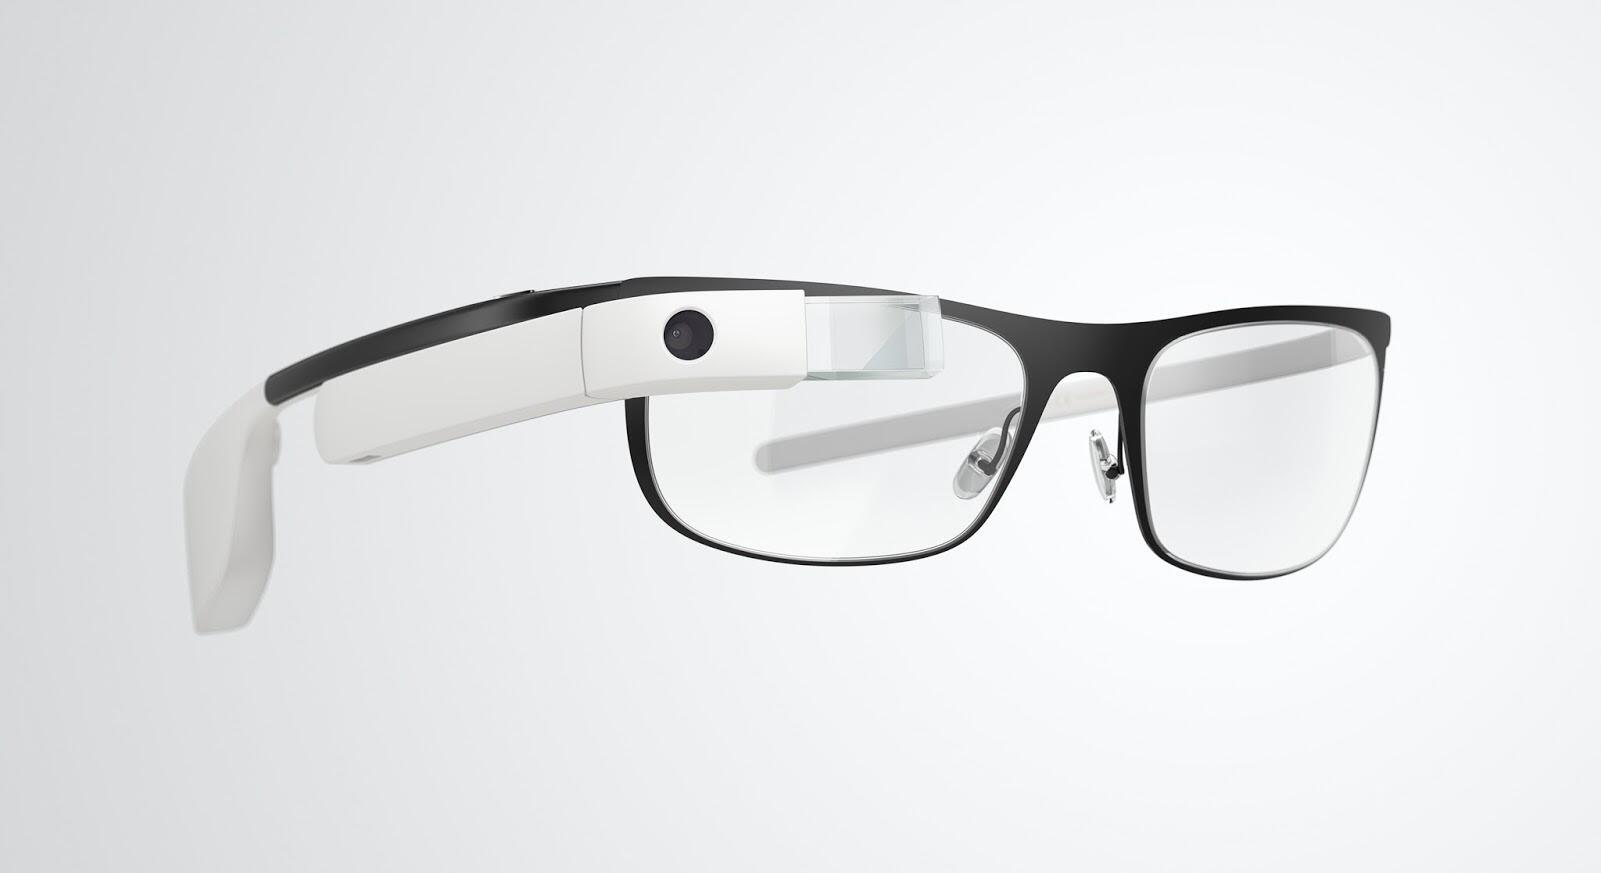 benachrichtigungen Glass Google Update